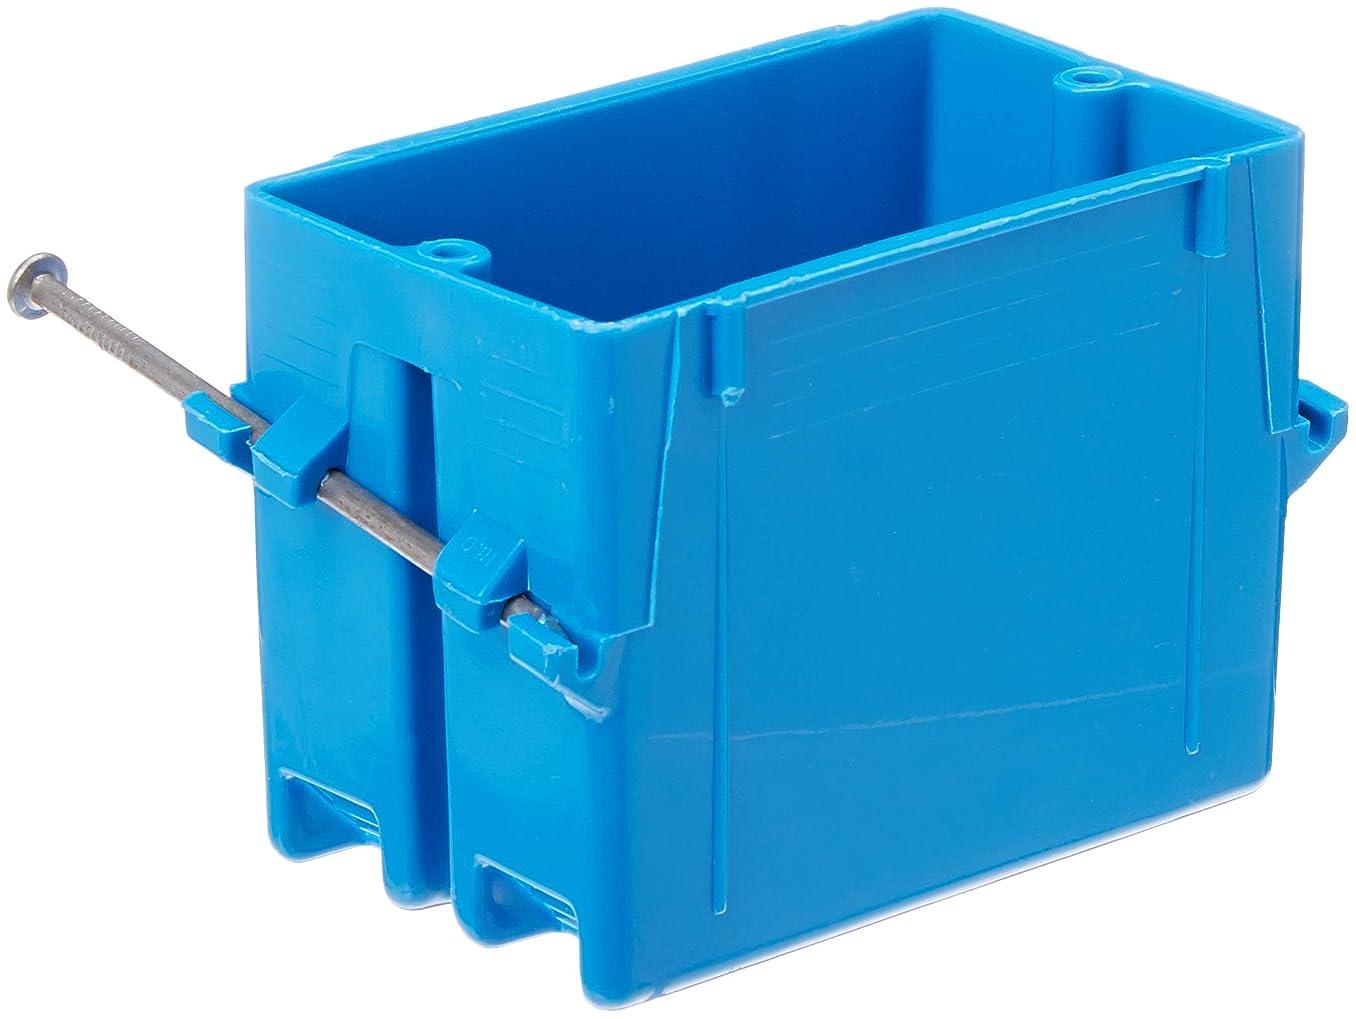 Lamson B118AR-UPC Carlon Single Gang Box With Nail